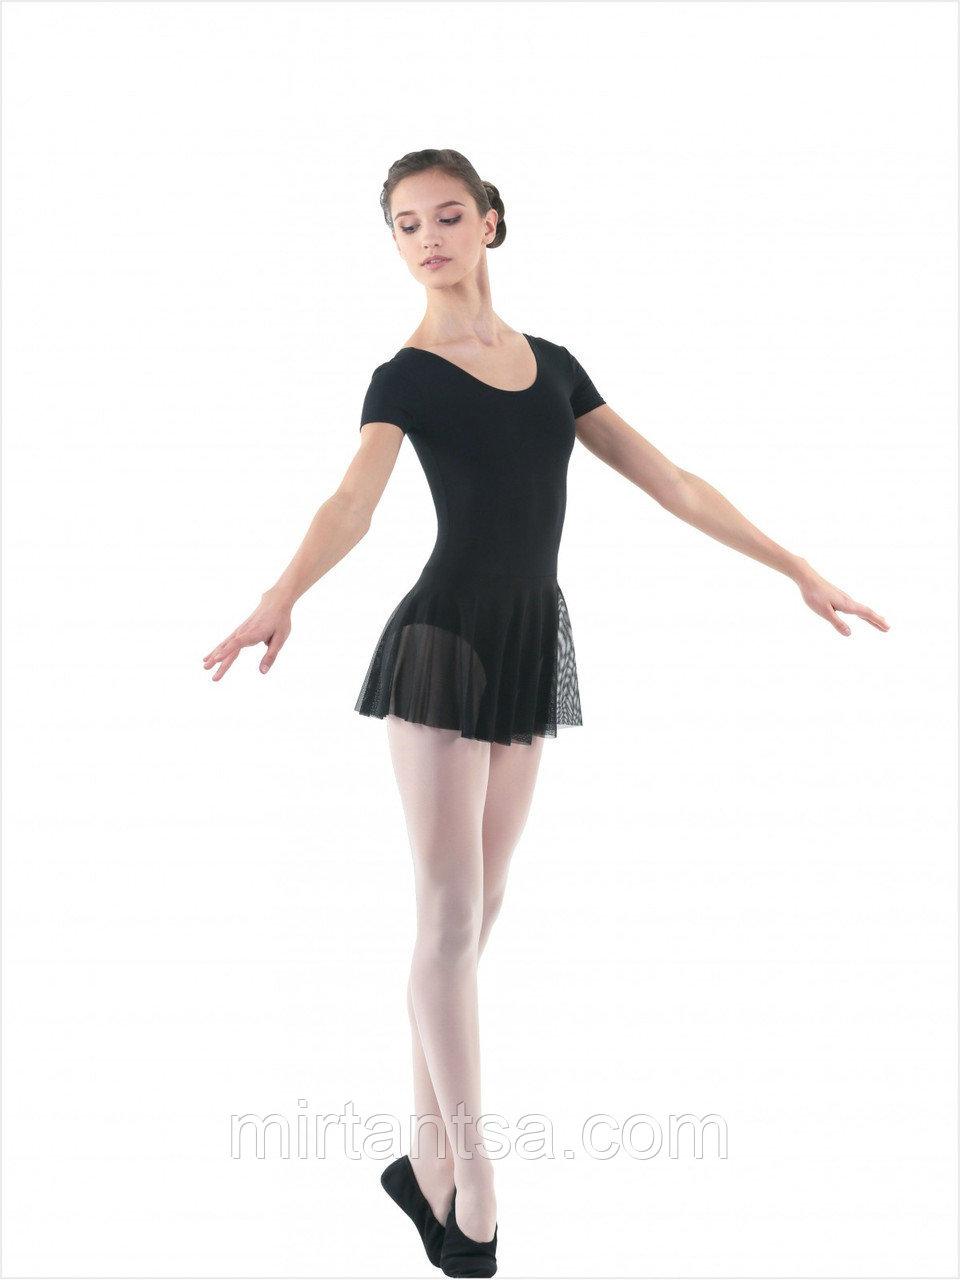 FD961 Купальник для хореографии и танцев белый /черный 34 размер